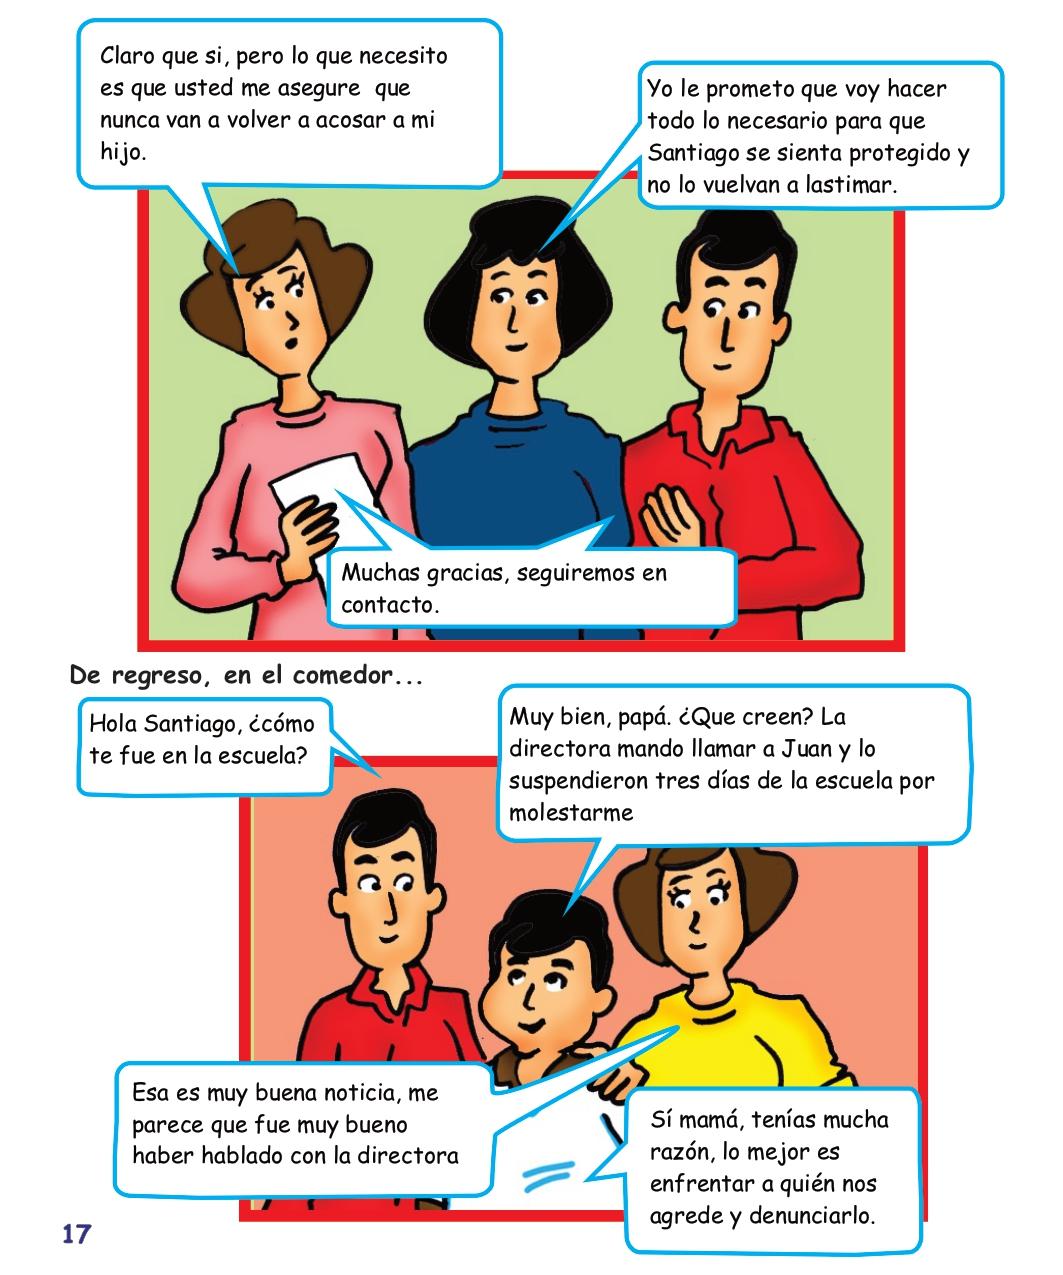 Psicología padres Reyhan cap3 digital_page-0020